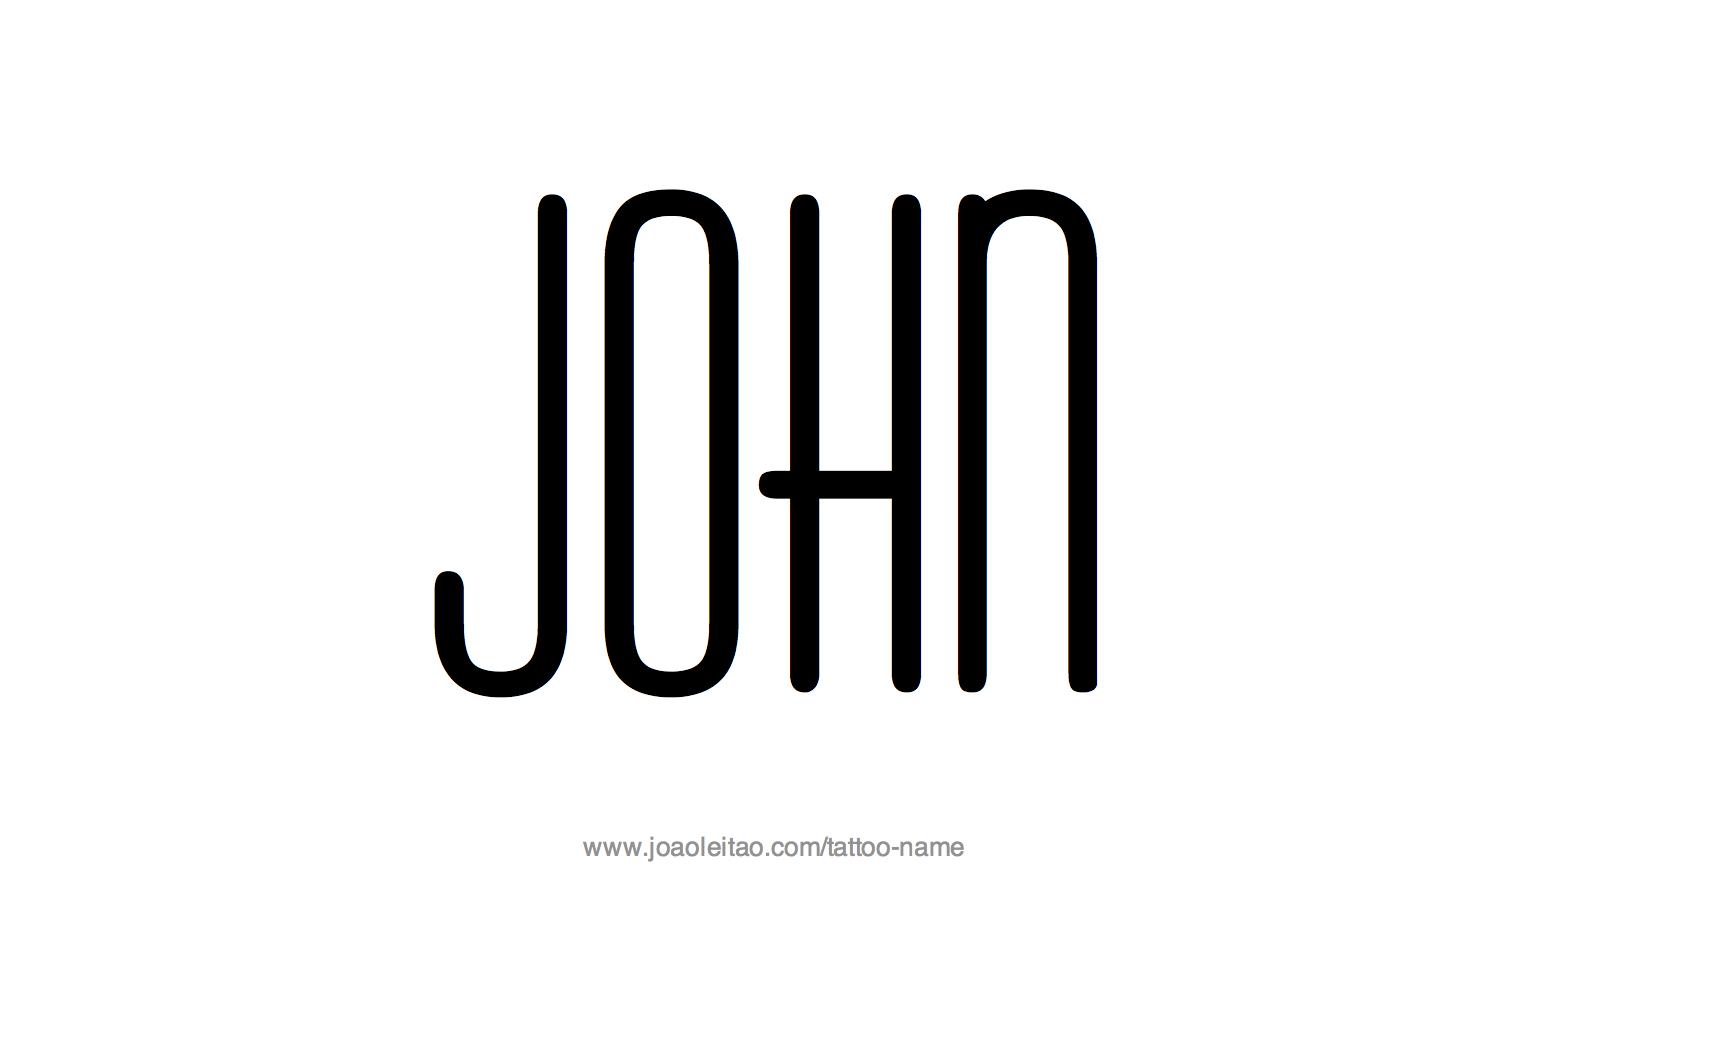 Tattoo Design Name John